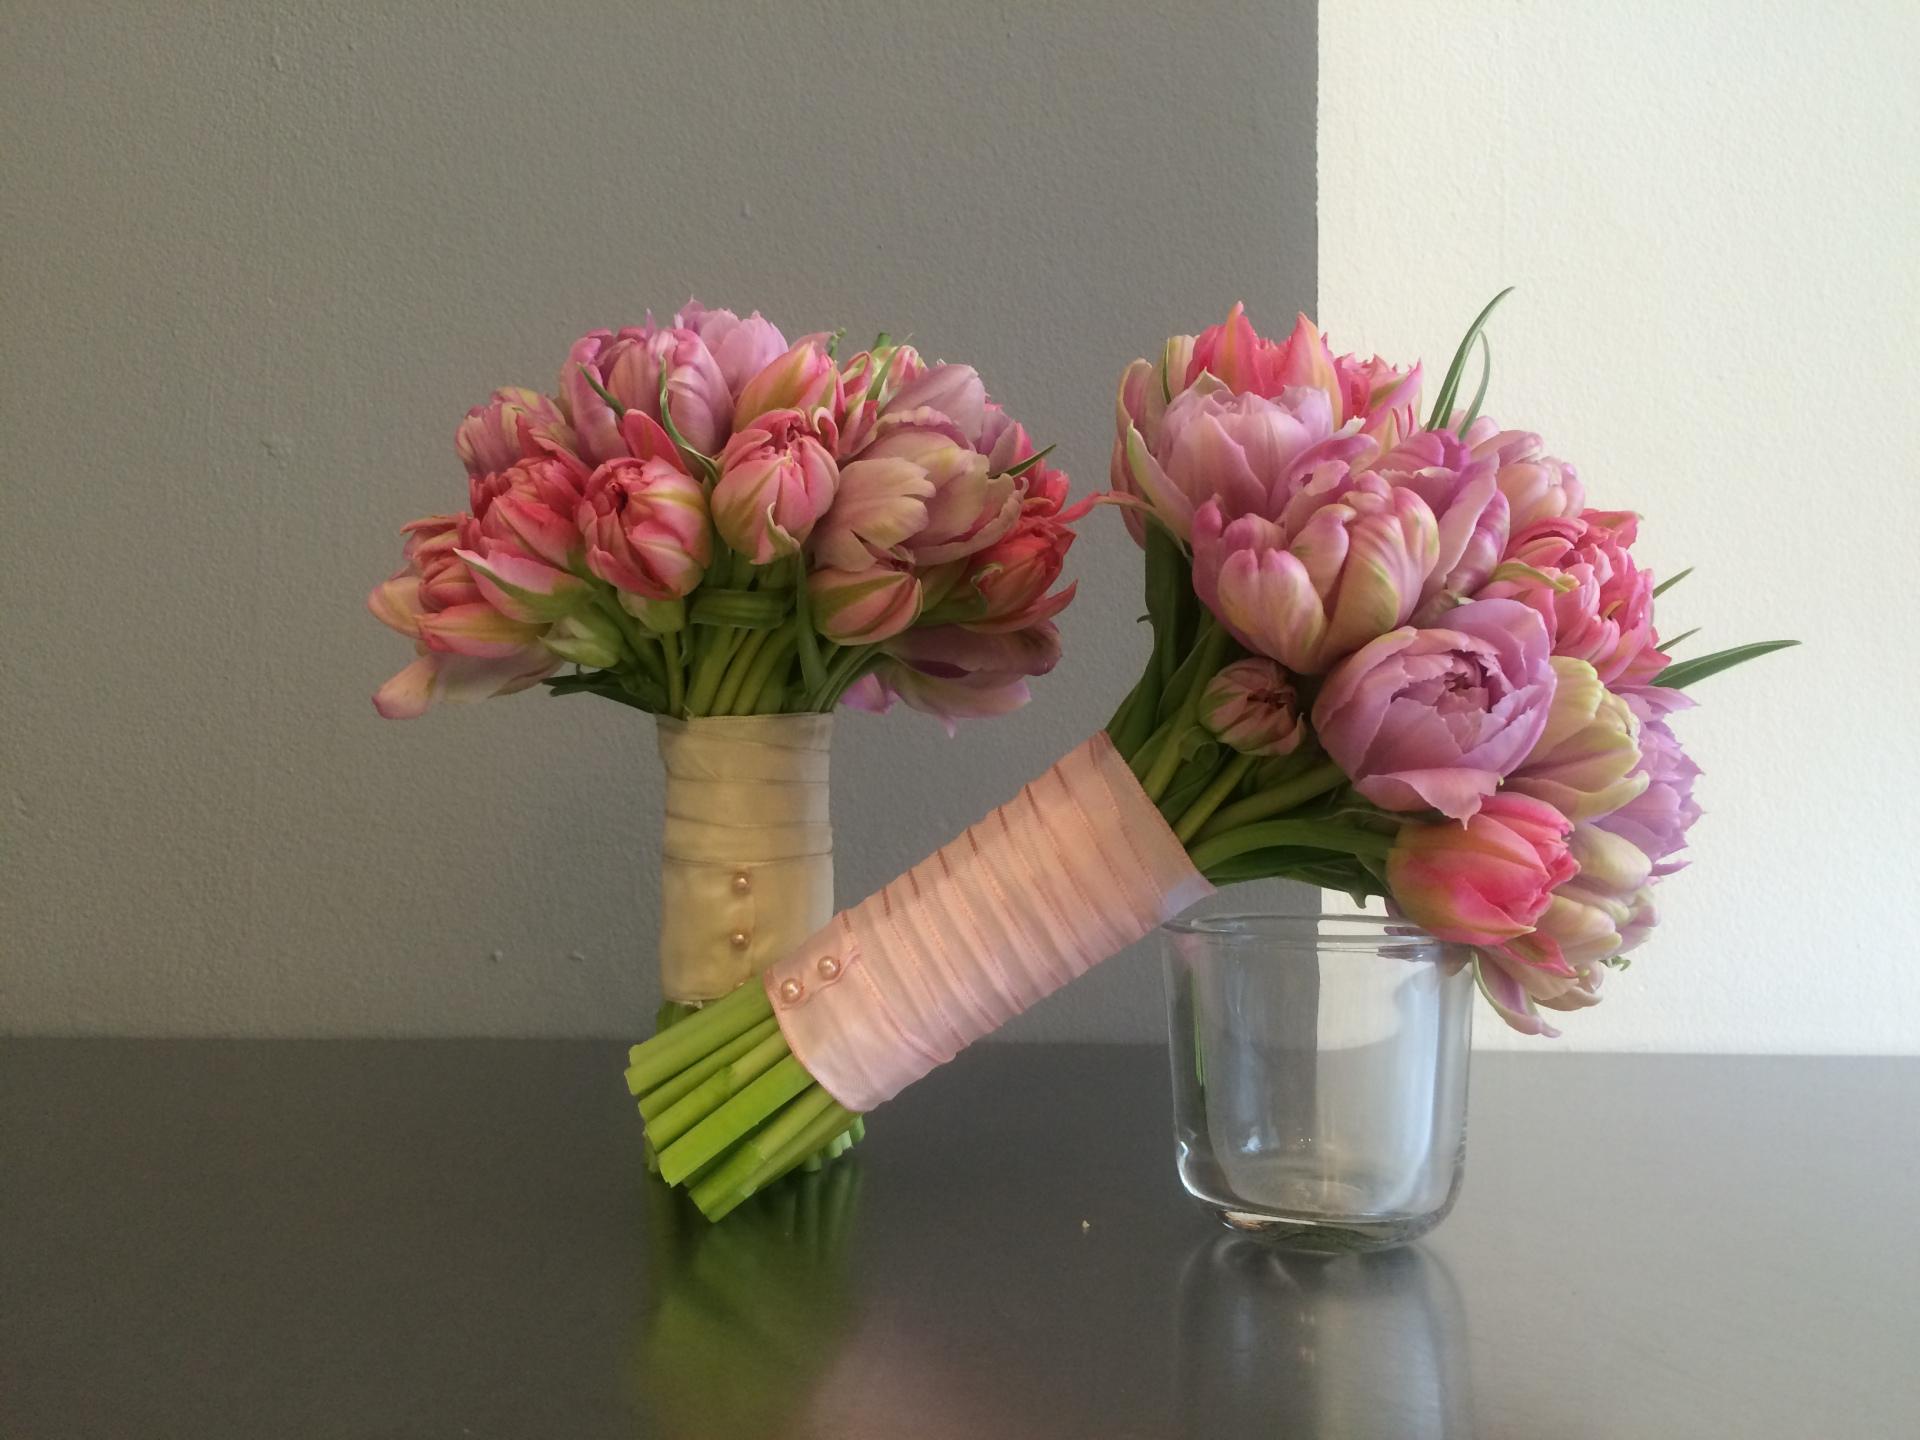 The St James' Park Bridesmaids' bouquets